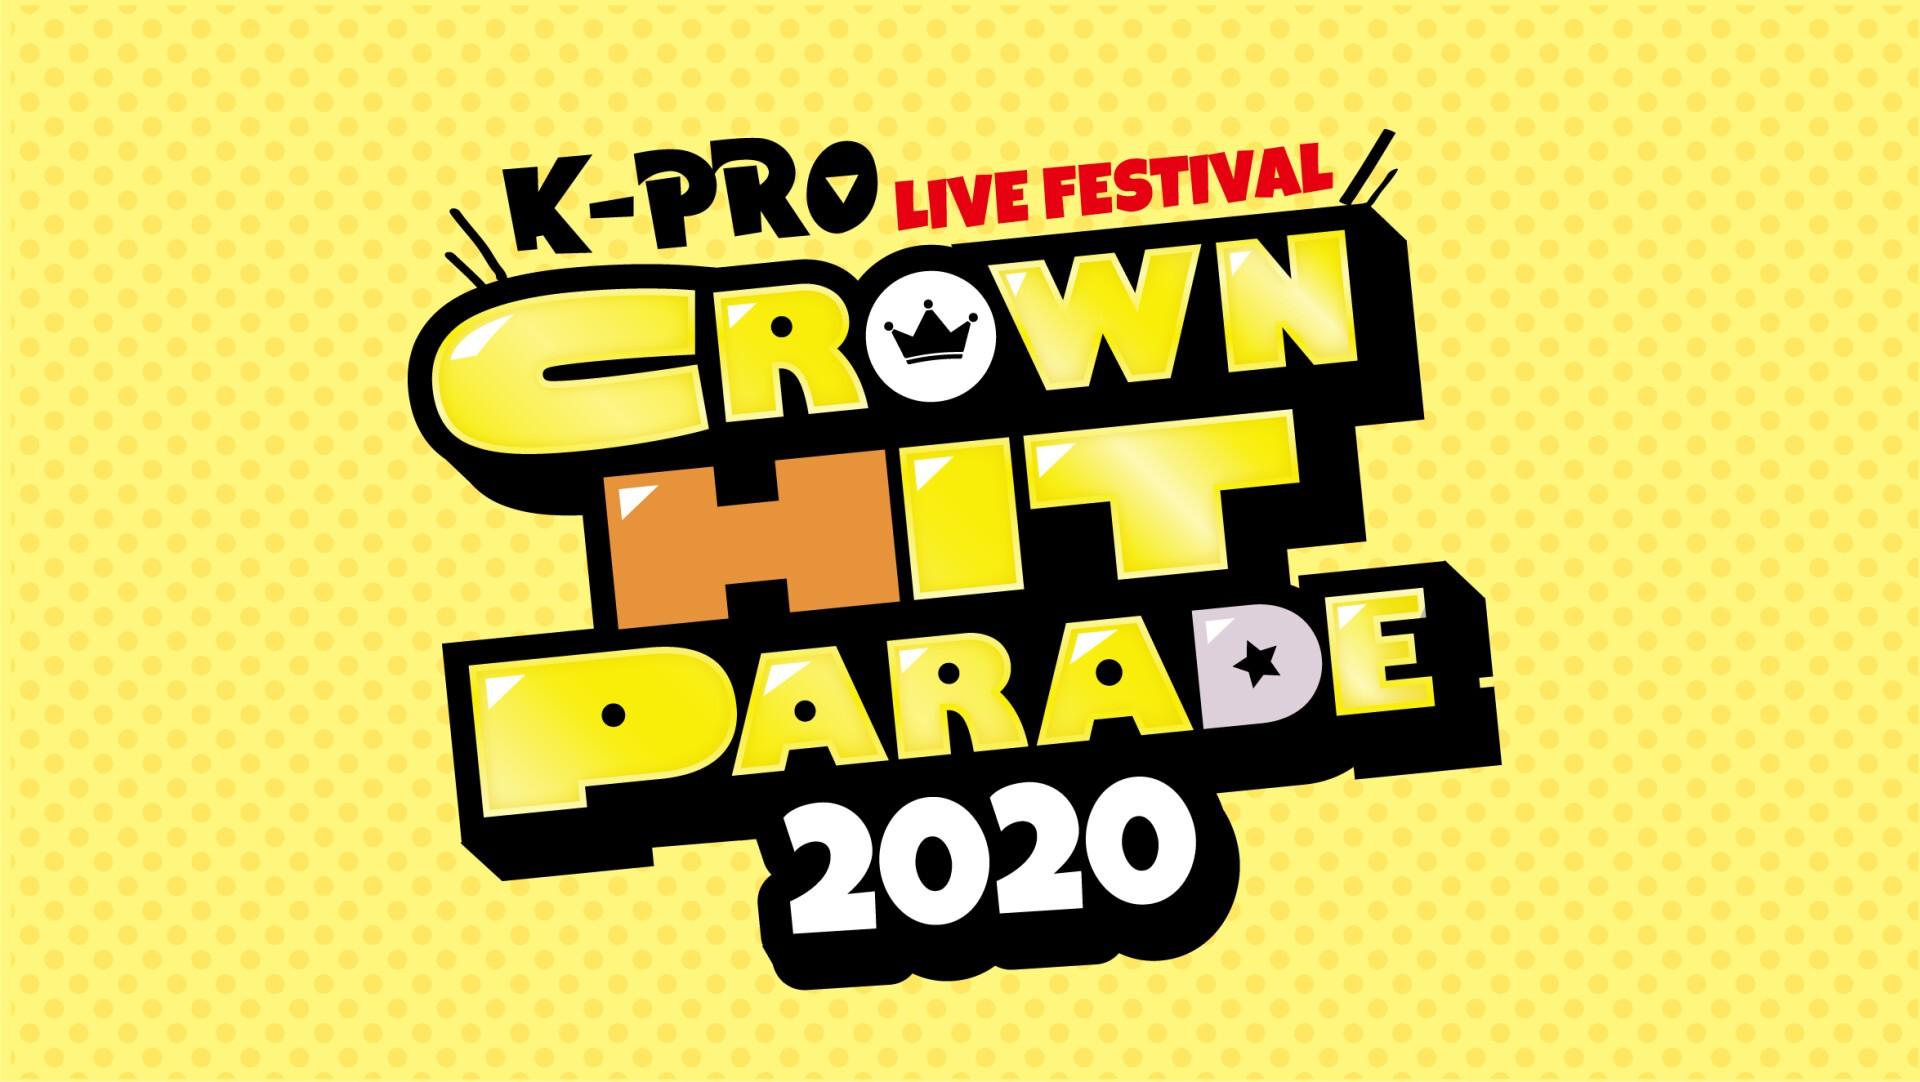 パレード 2020 ヒット